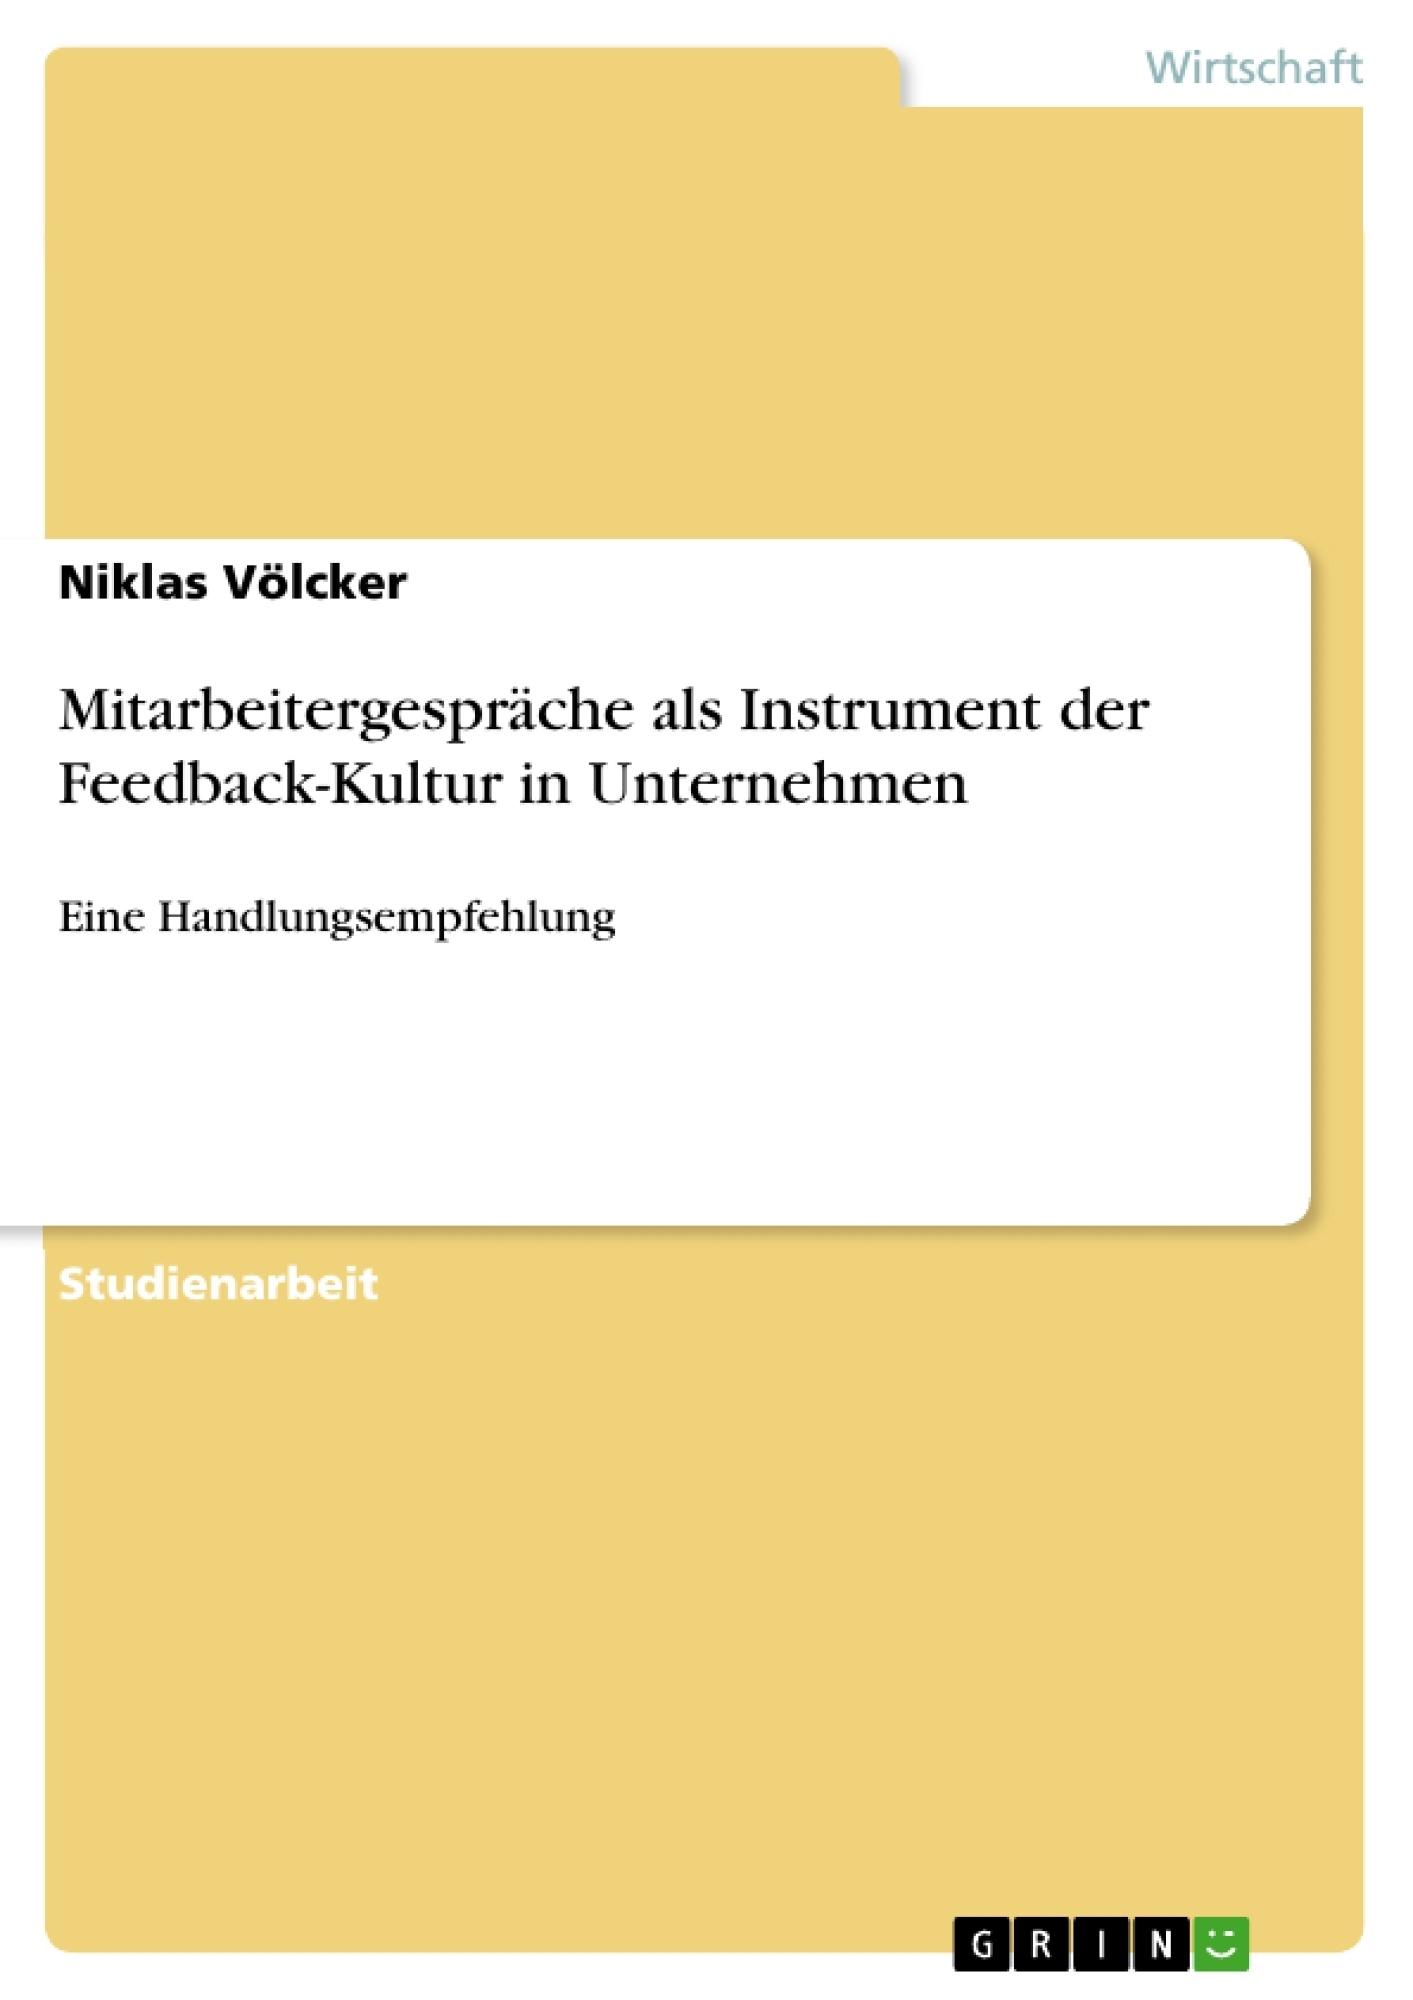 Titel: Mitarbeitergespräche als Instrument der Feedback-Kultur in Unternehmen